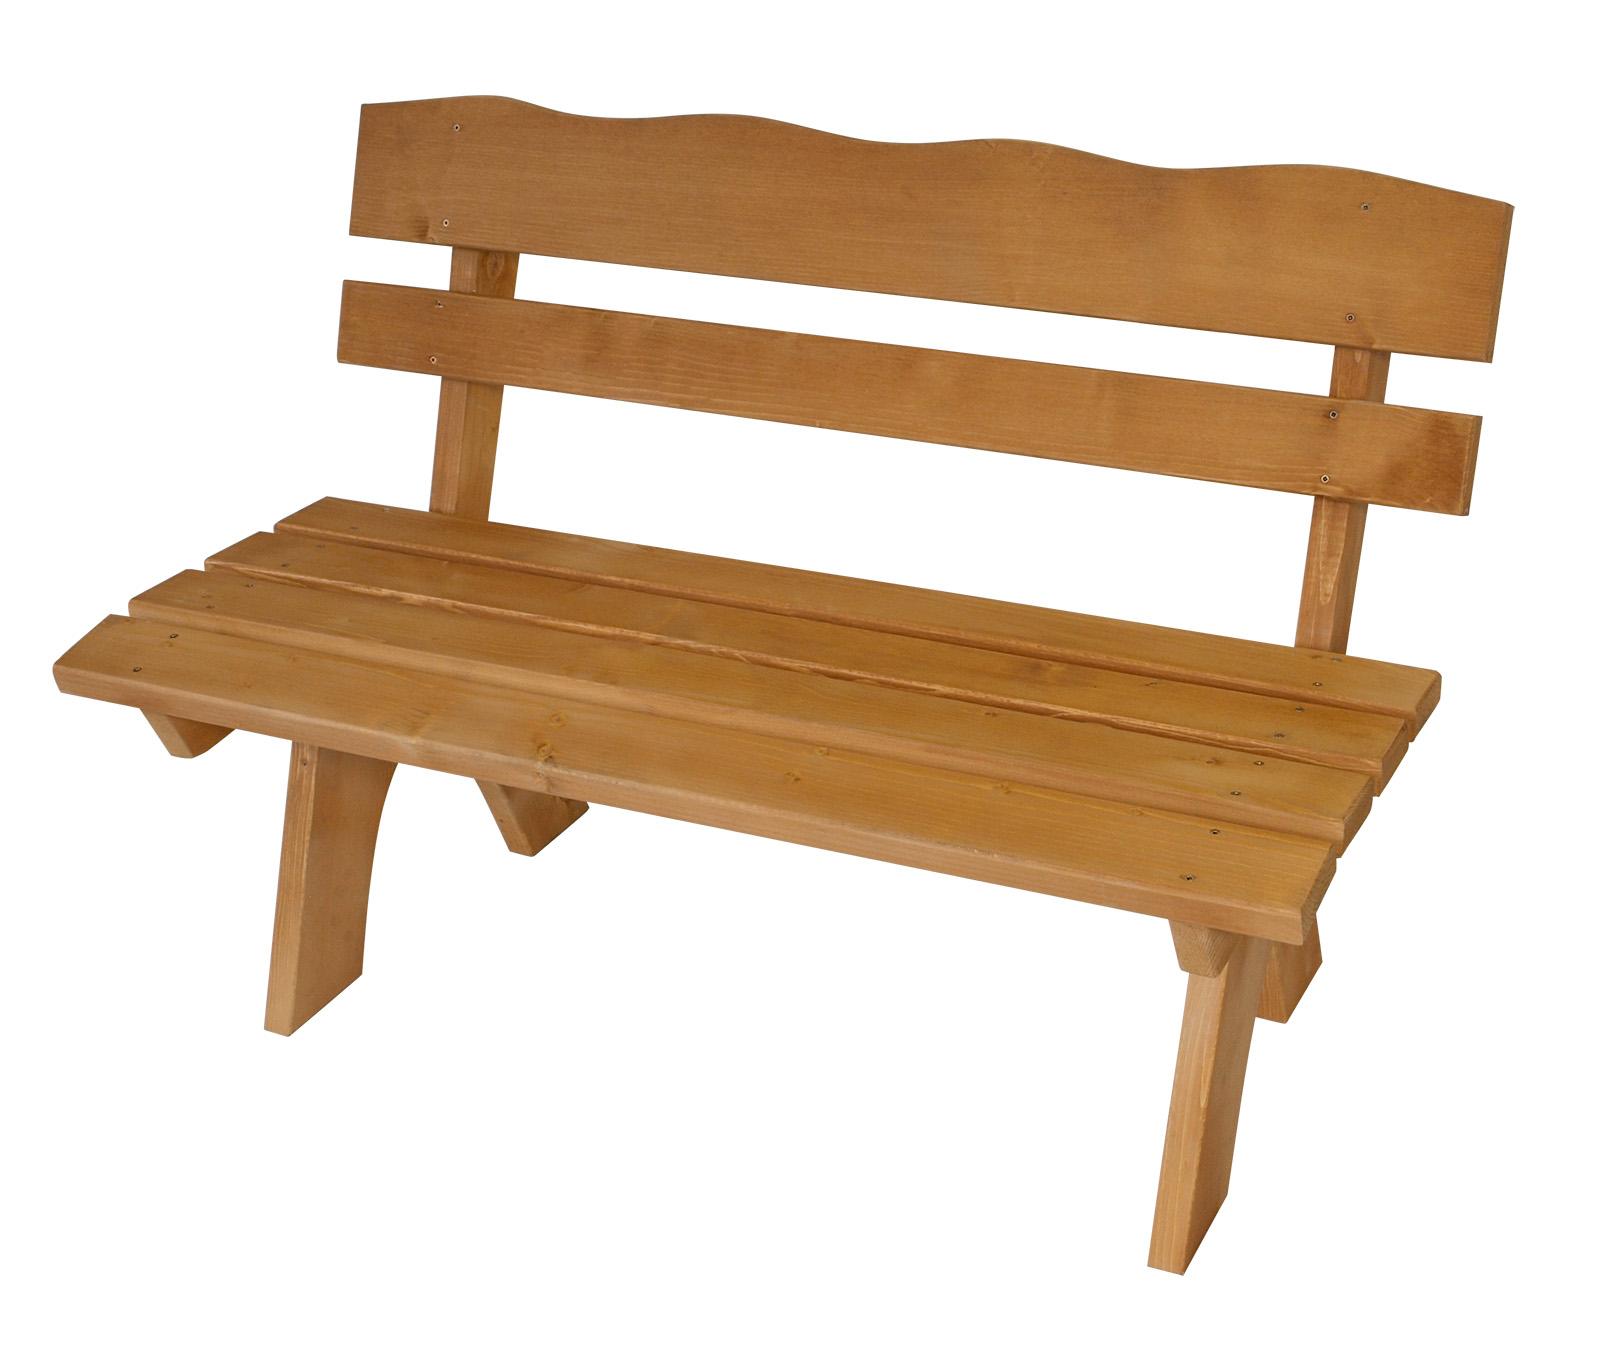 Holzbank Sitzer Style : Gartenbank holzbank freital sitzer cm kiefernholz